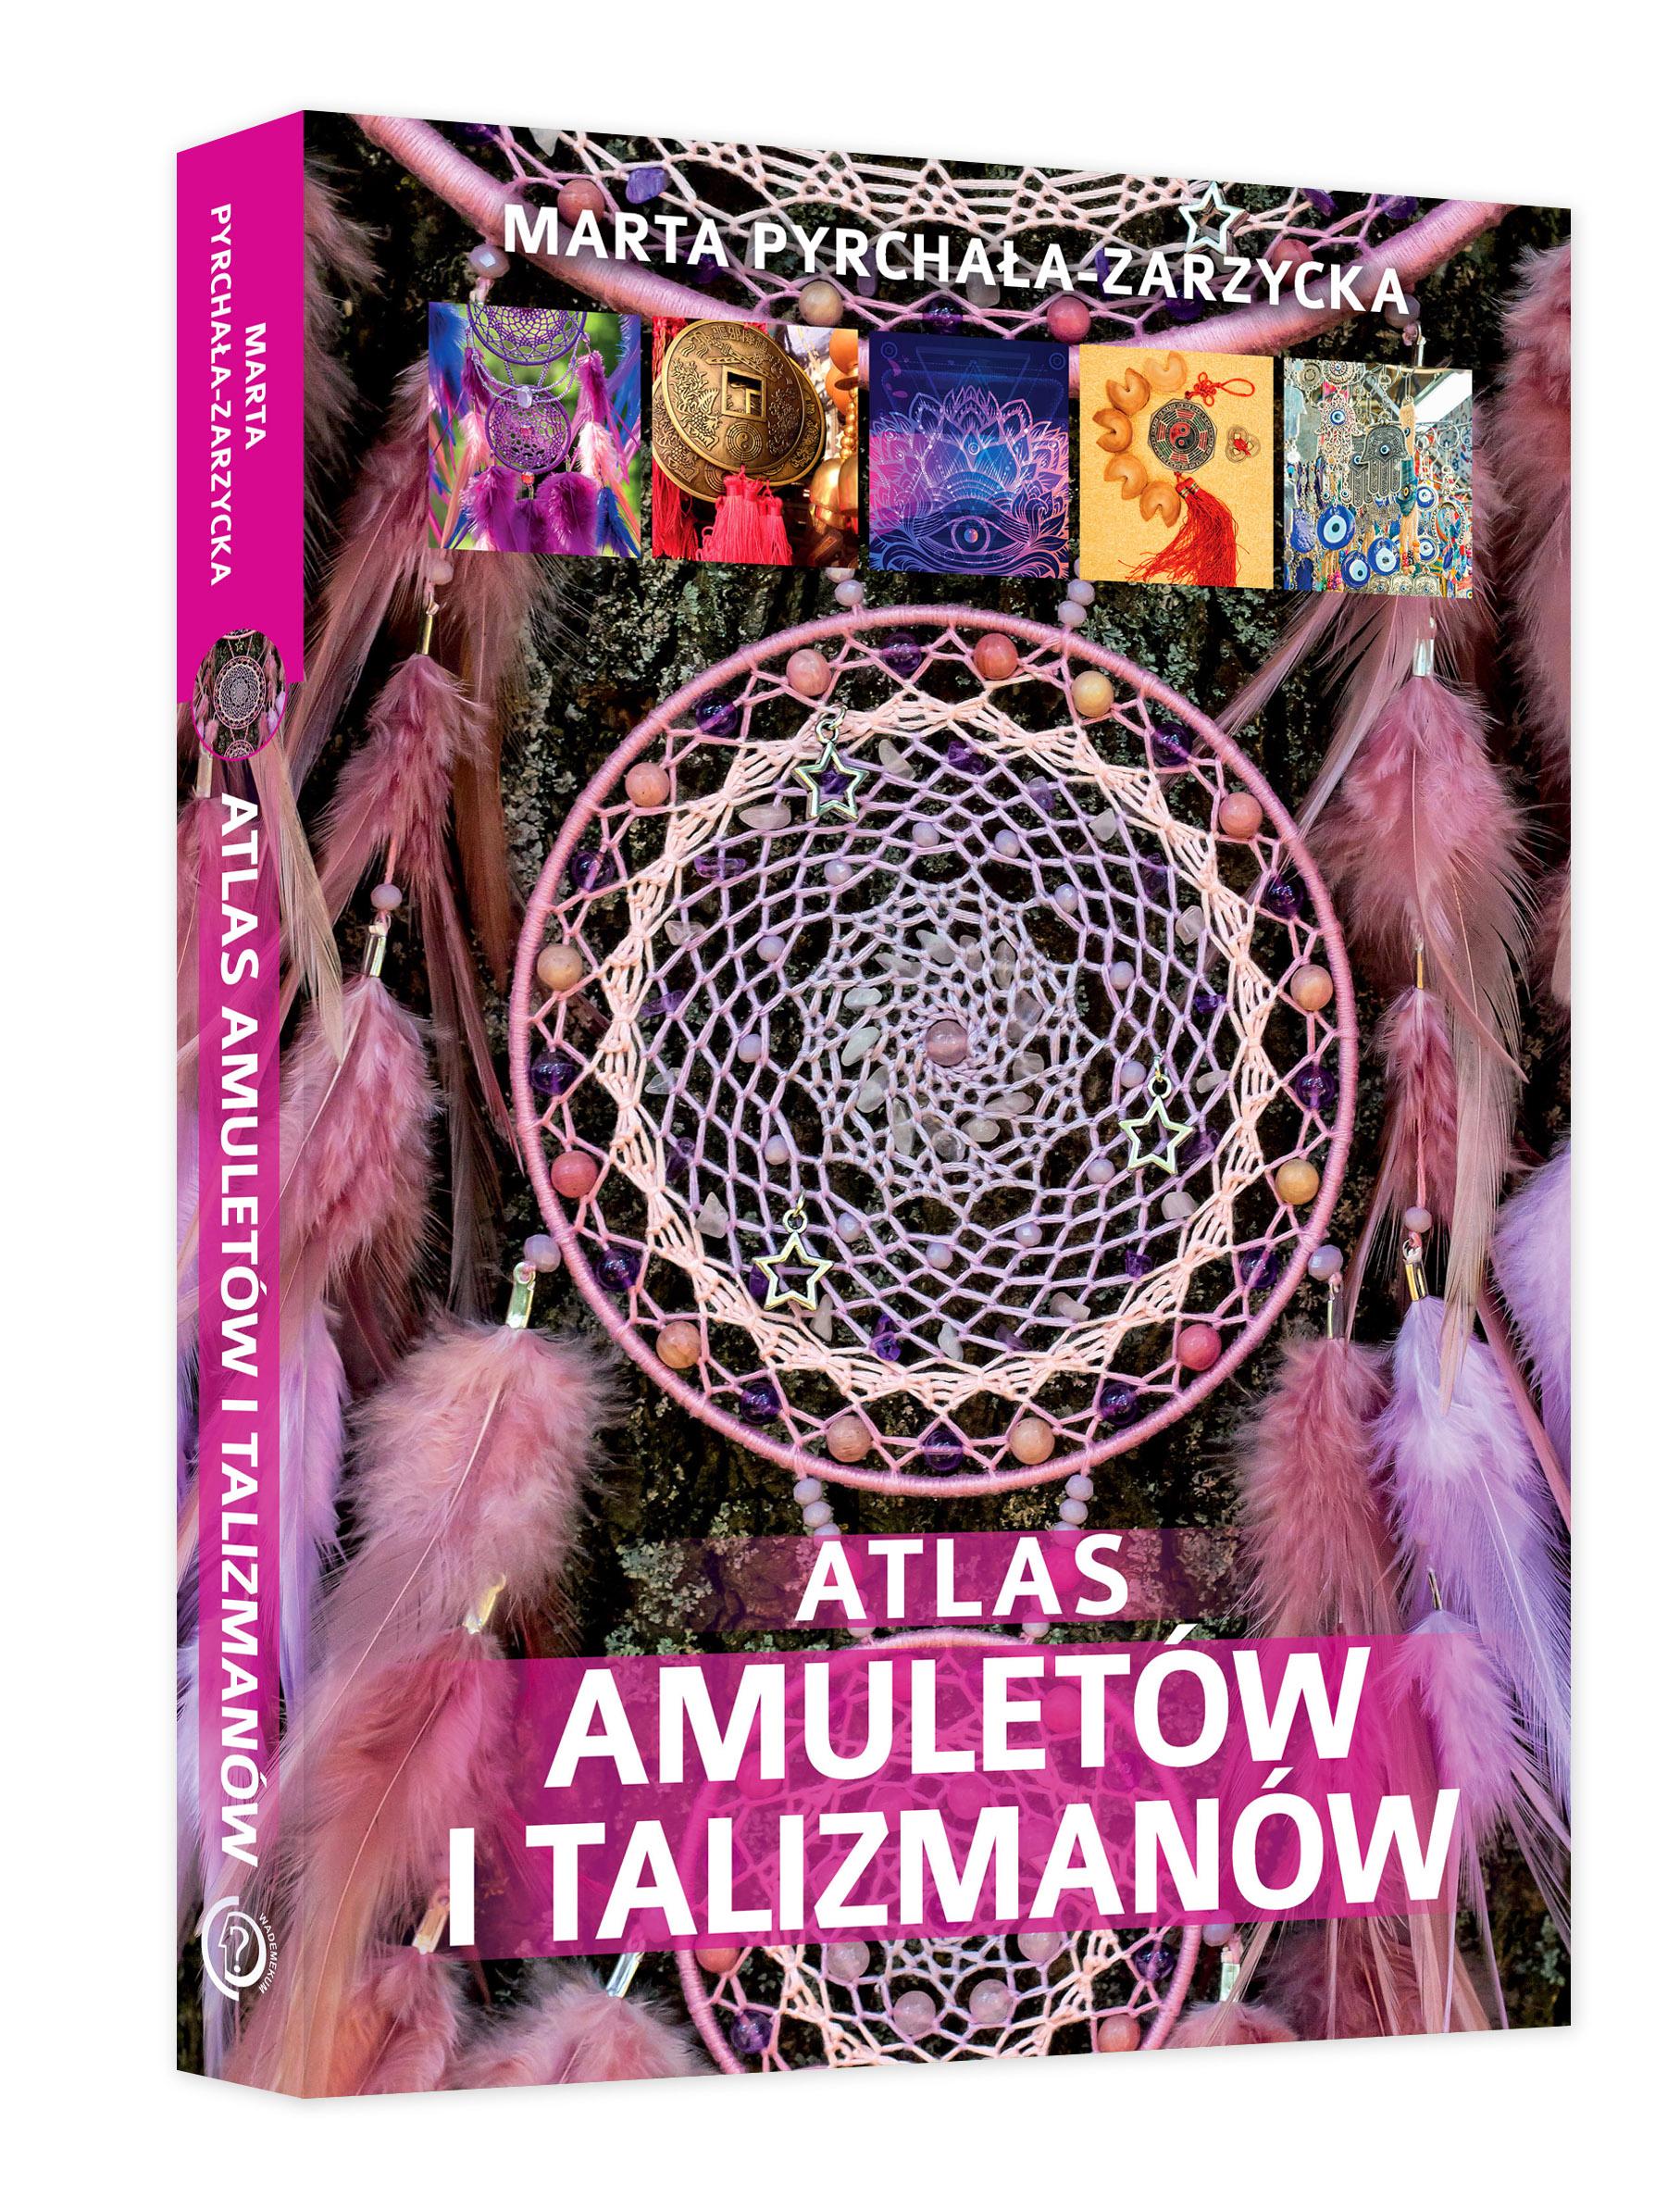 atlas amuletów i talimanów Marta Pyrchała-Zarzycka